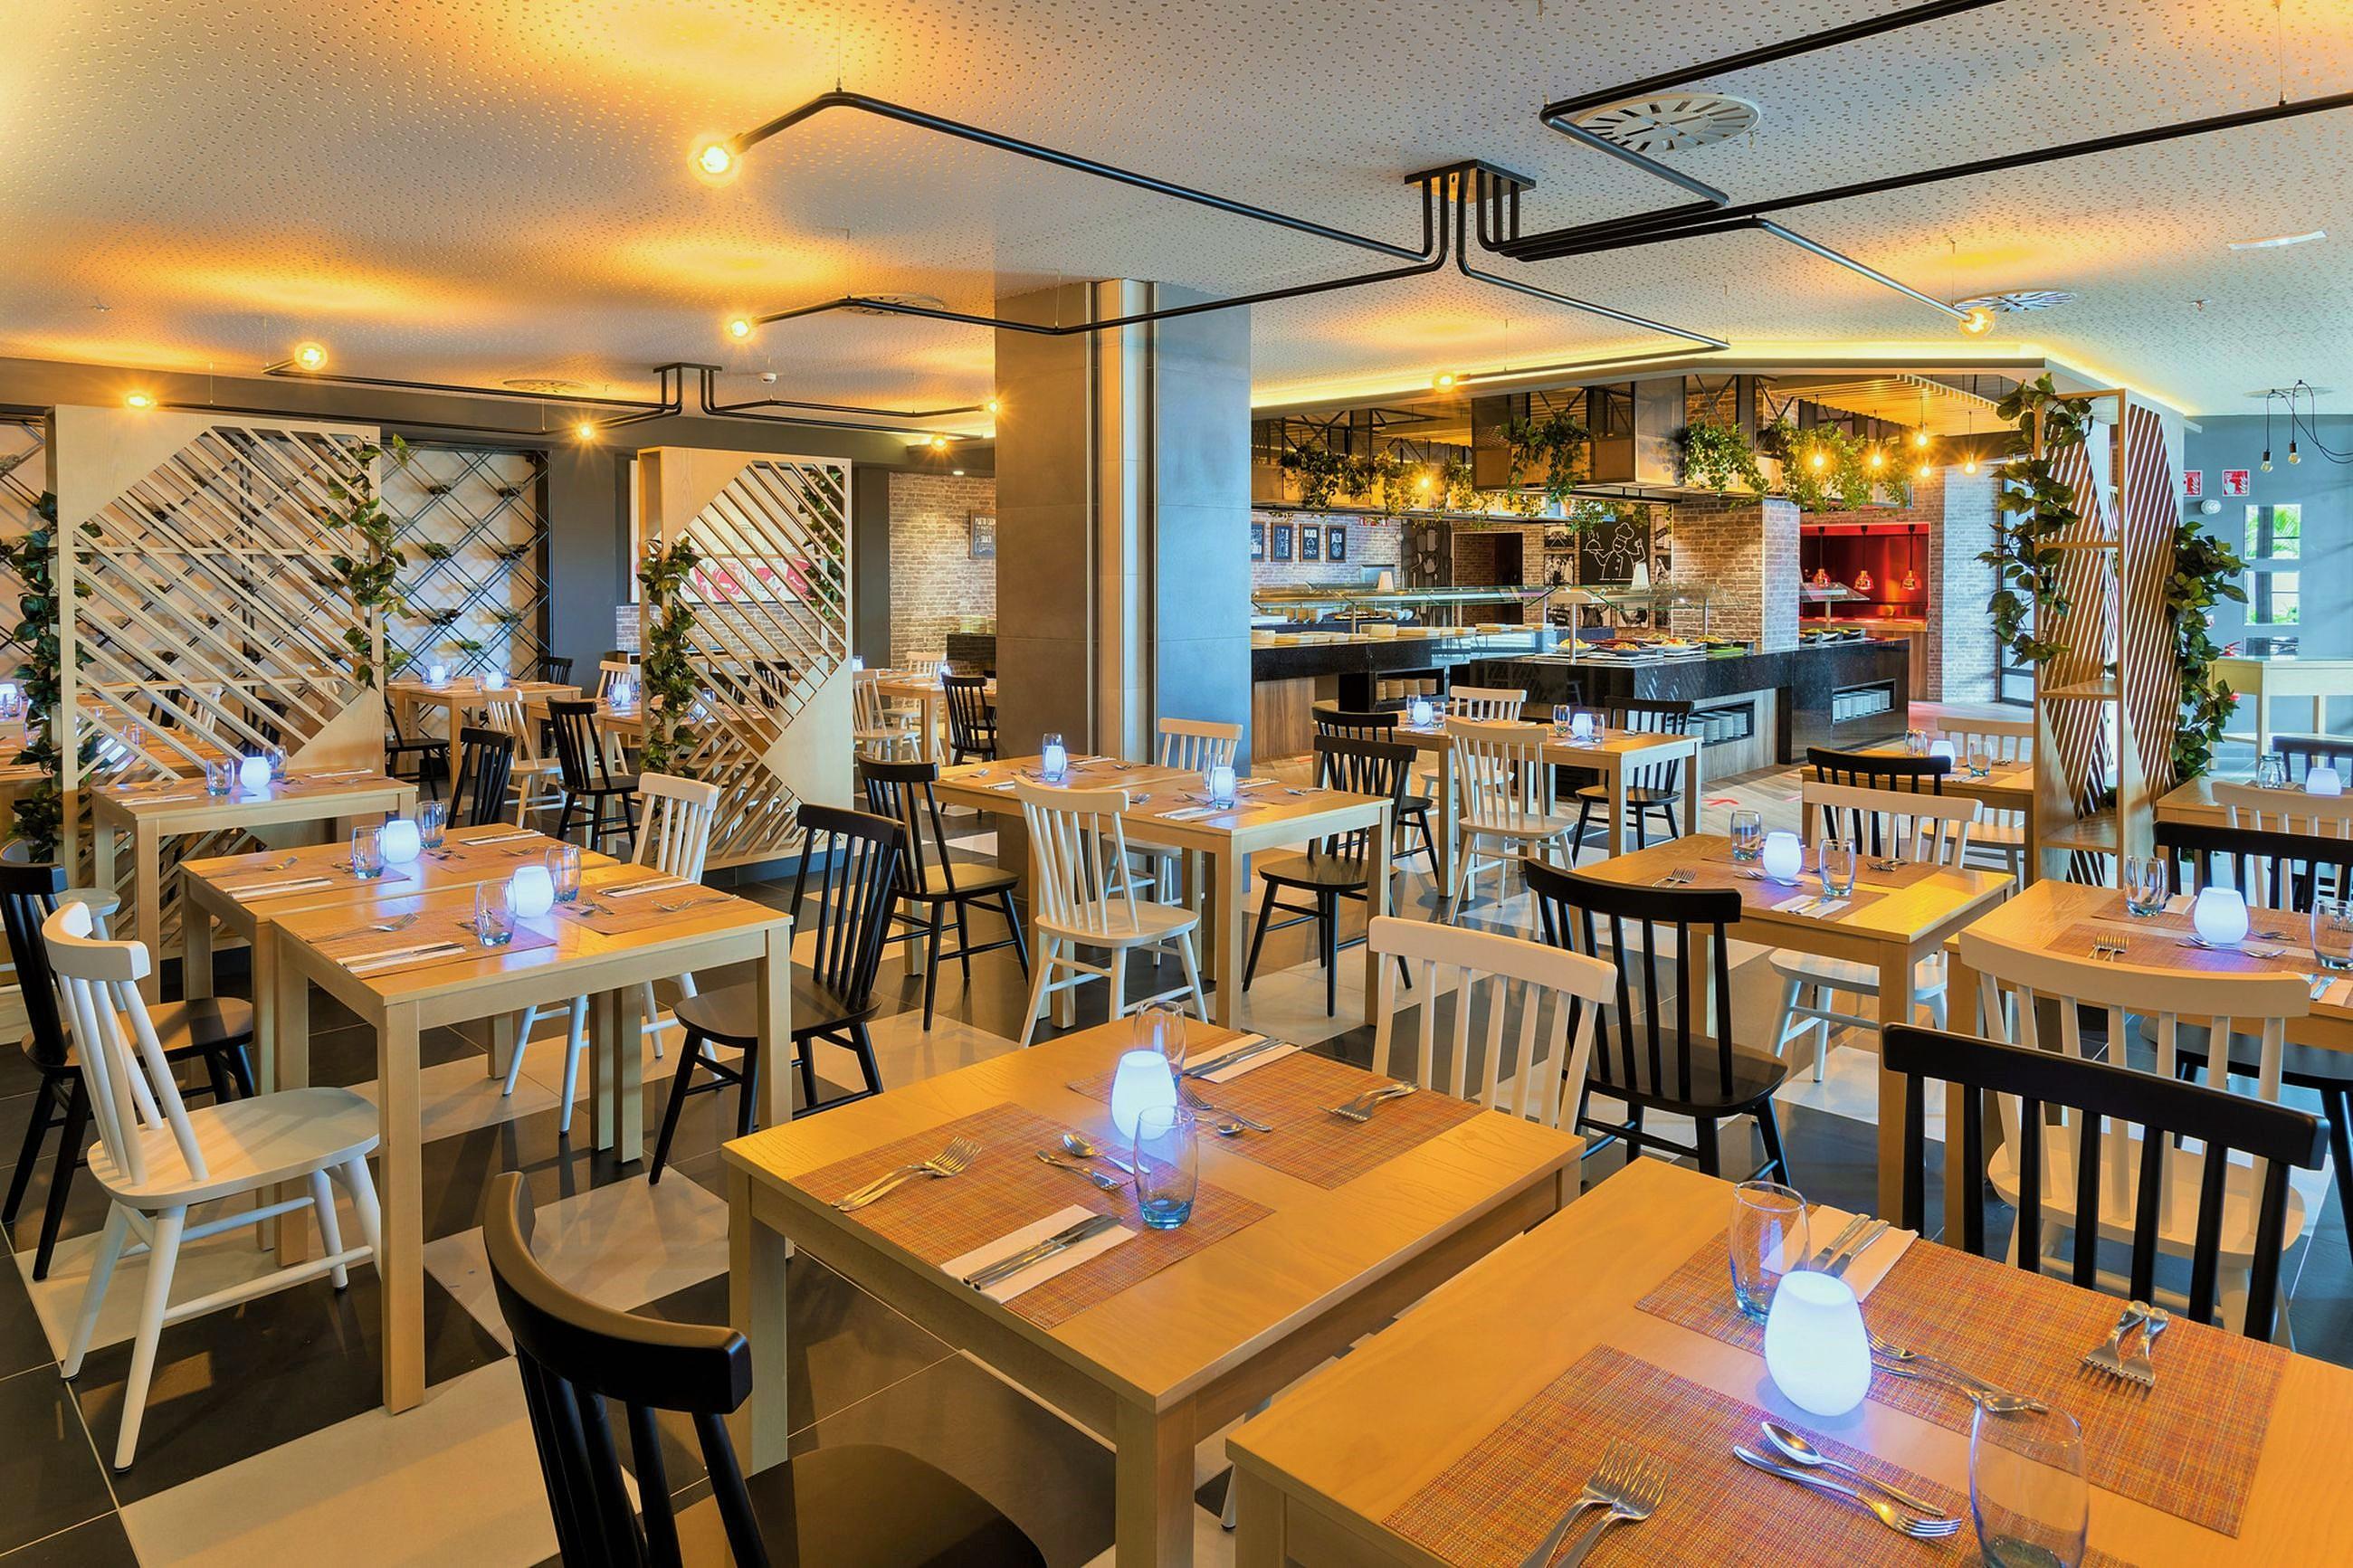 https://bubo.sk/uploads/galleries/7416/bvi_20_045---italian-restaurant_vysledok.jpg